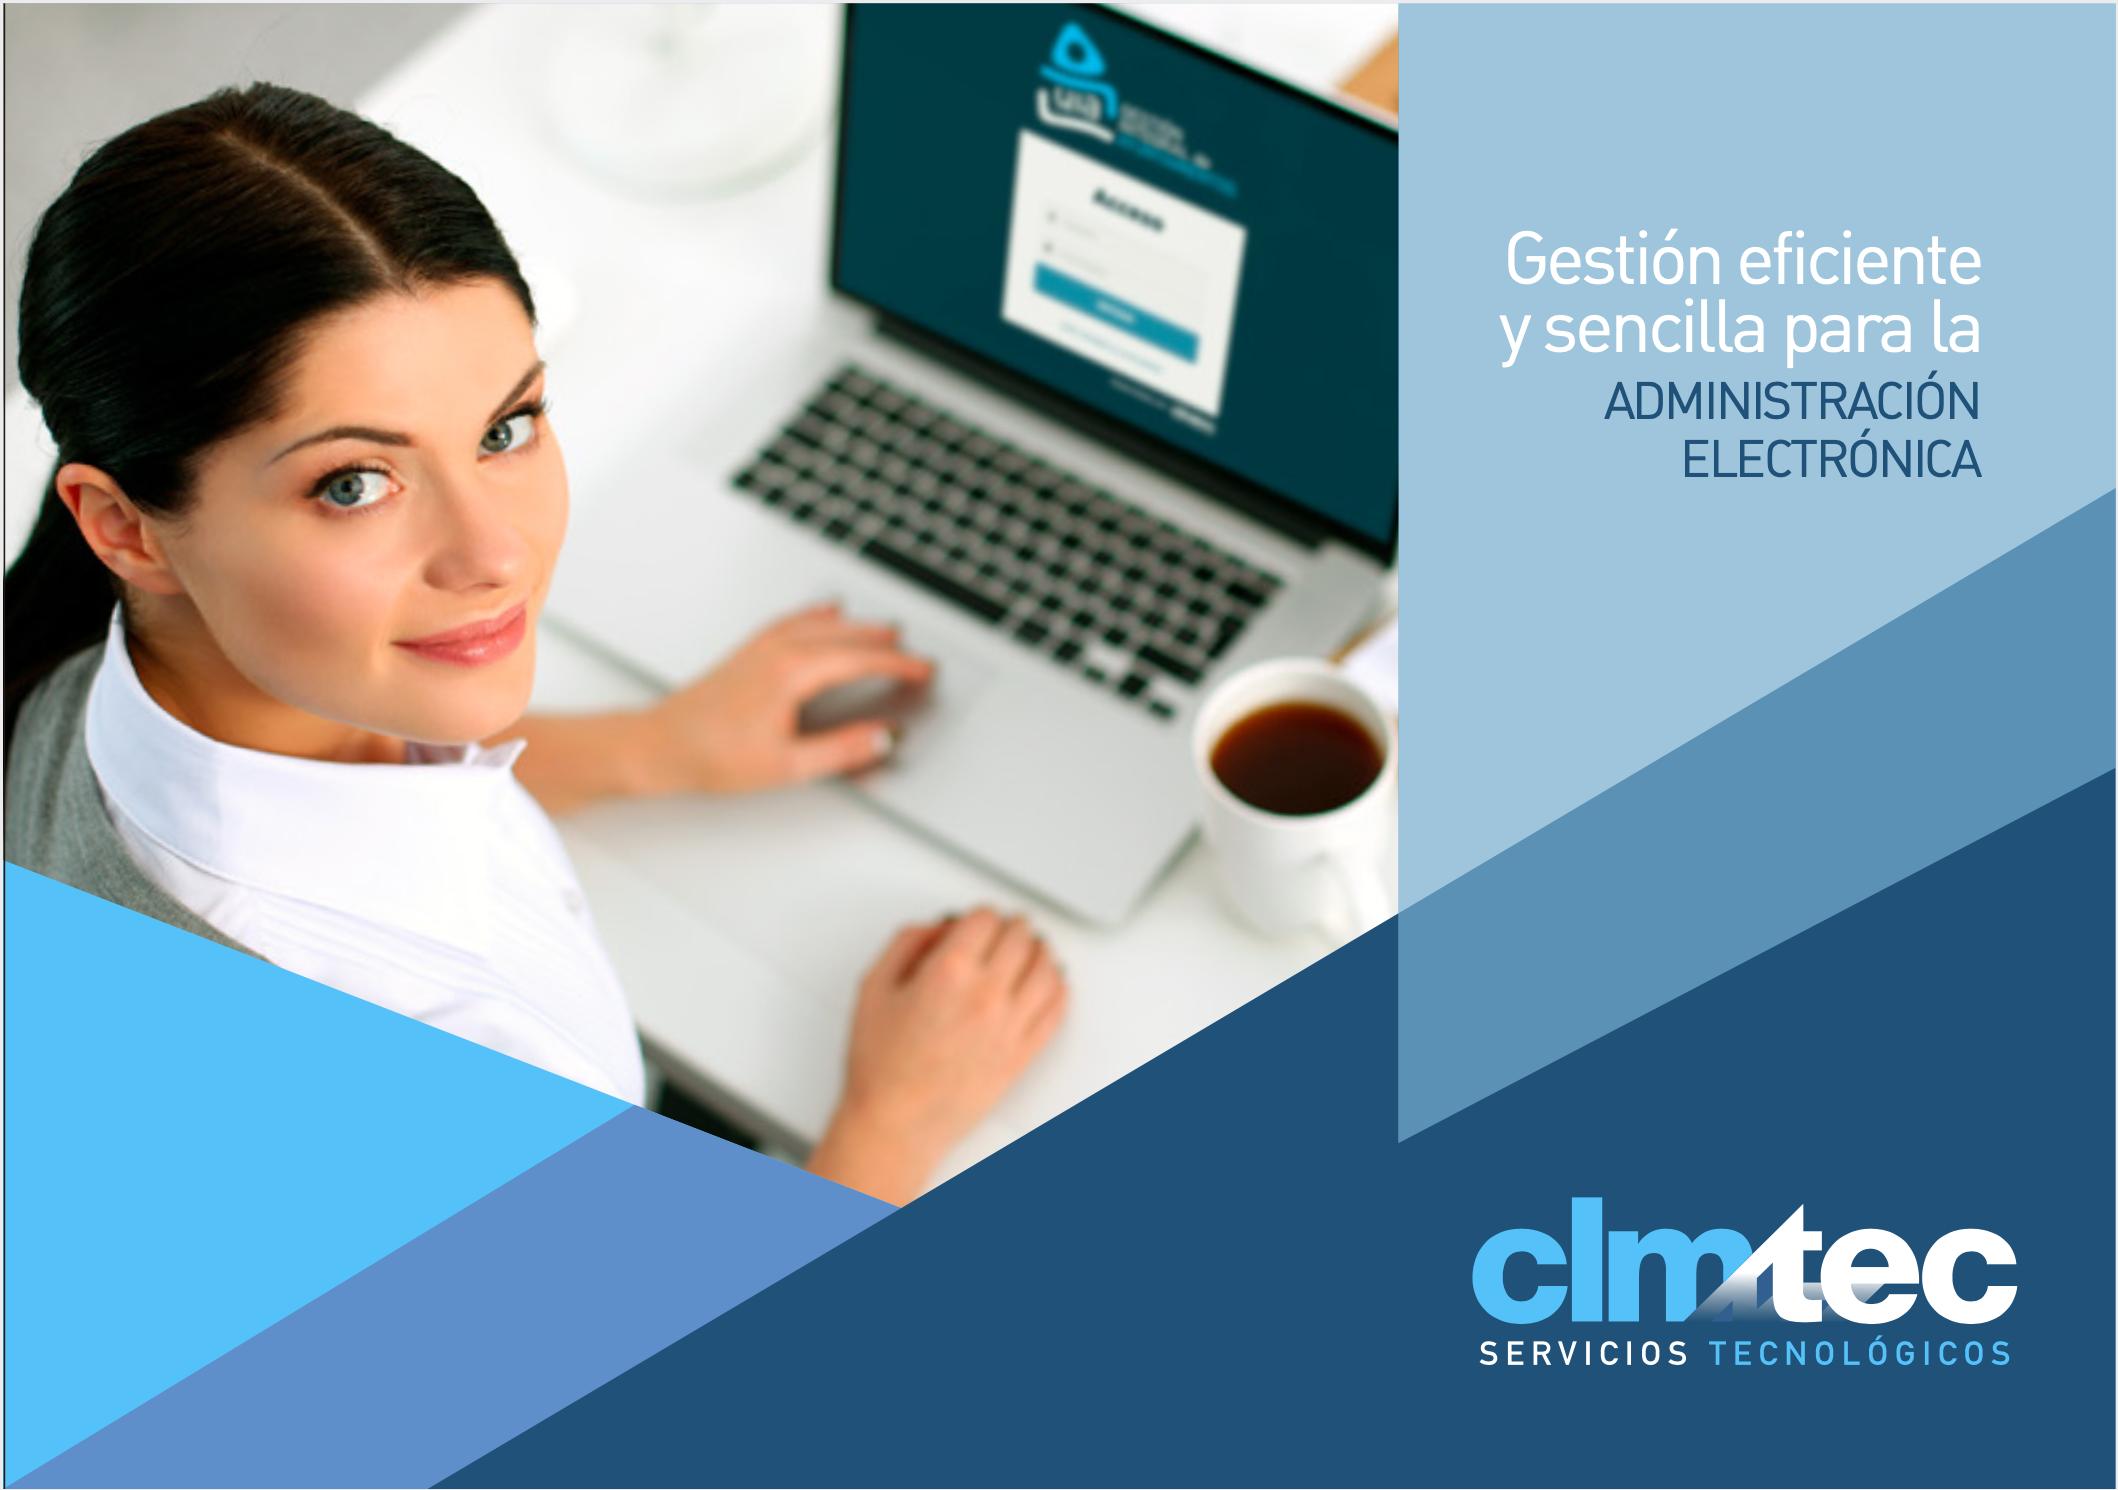 Dossier Administración electrónica CLMTEC